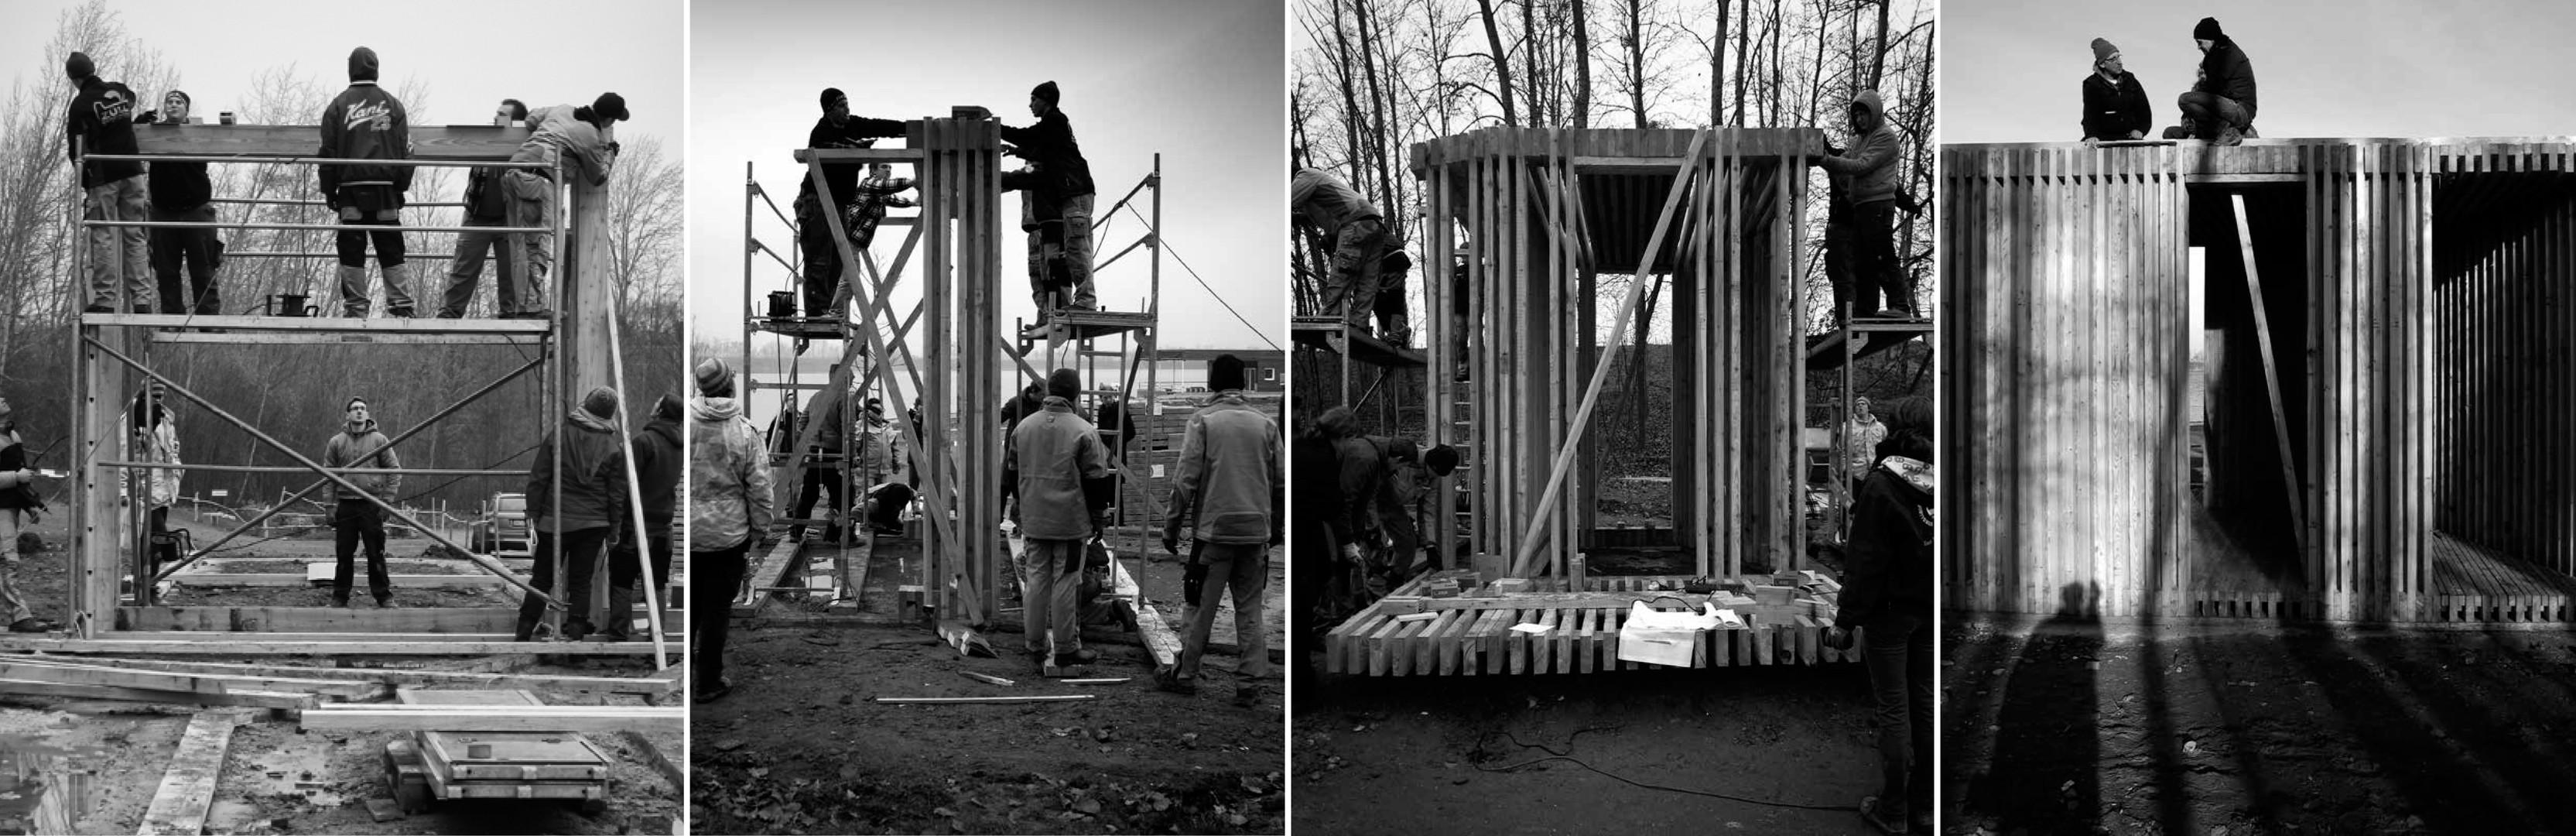 Bau durch der Studiernende TH Köln / Lehrlinge Thomas Esser Berufskolleg